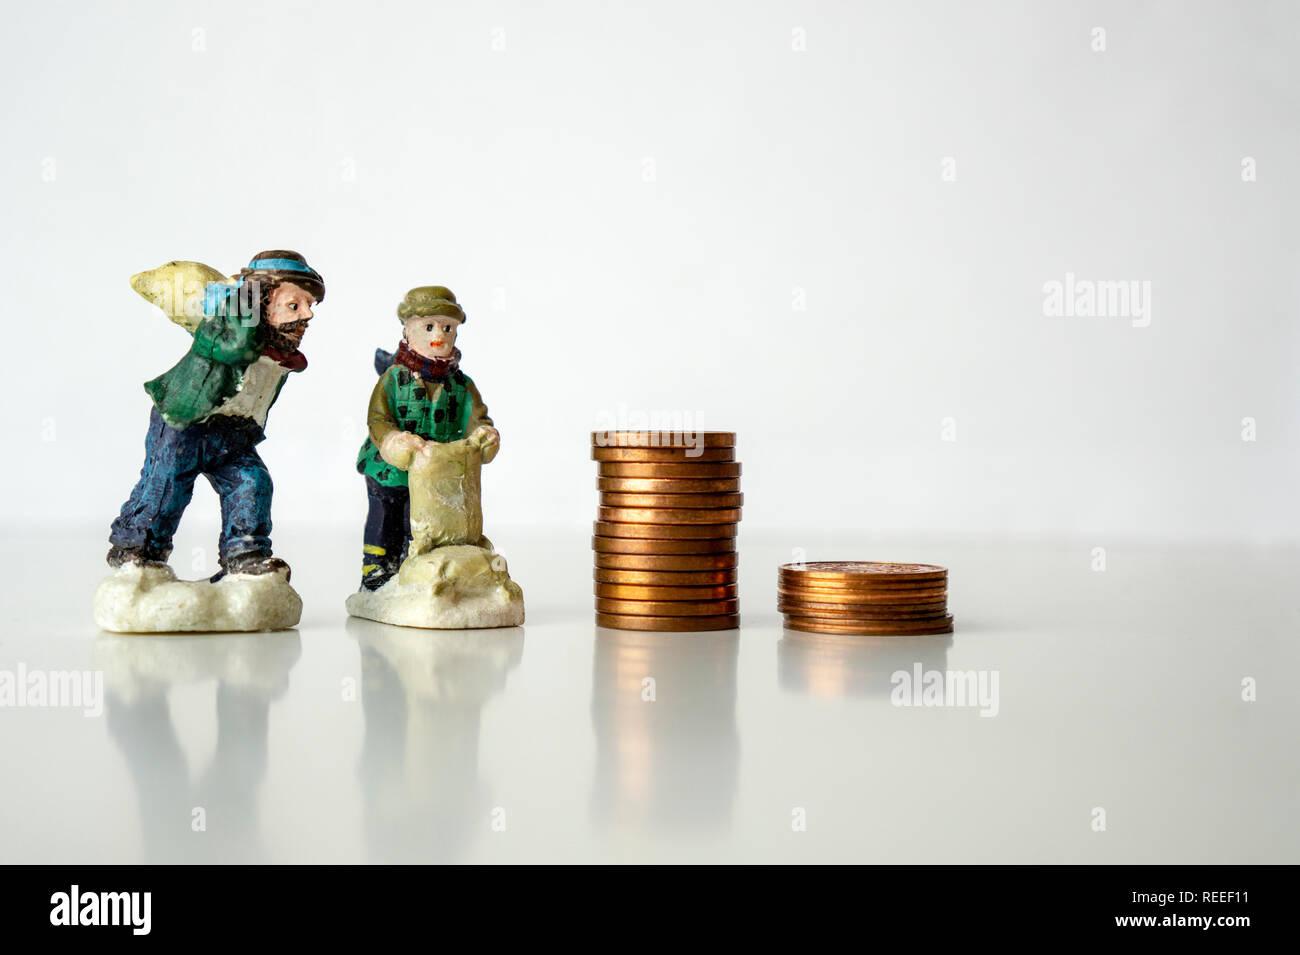 Pila di monete con il lavoratore figure su sfondo bianco che lavora per pochi centesimi centesimi concetto stipendio basso Foto Stock